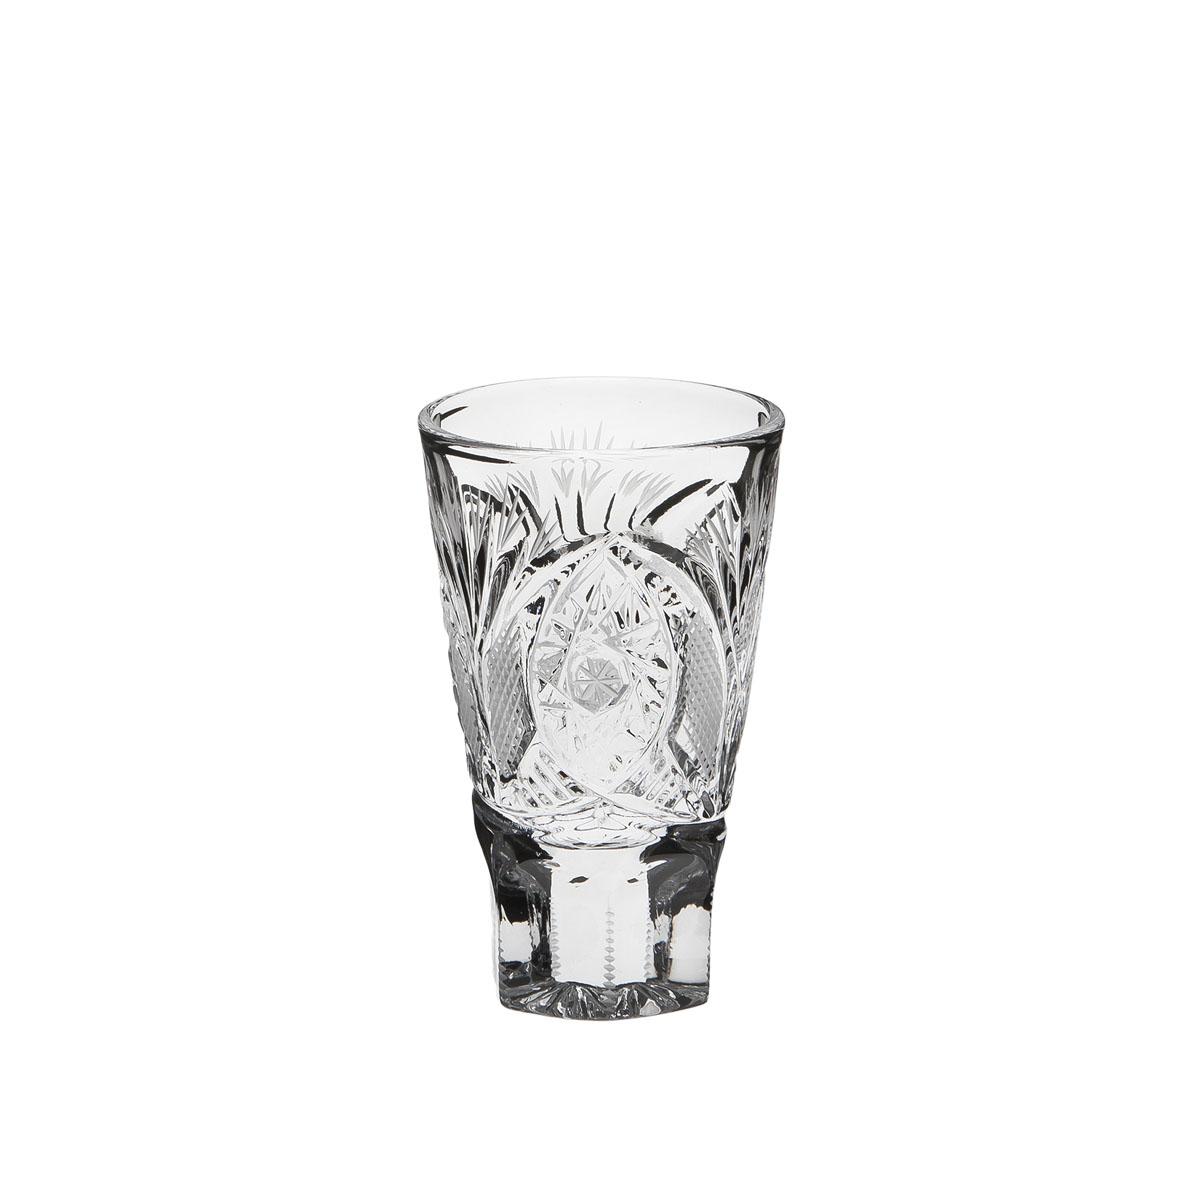 Стакан Дятьковский хрусталь Банкетный, 75 мл. С755/2С755/2Хрустальные стаканы – красивое и простое решение для украшения праздничного стола. Стаканы из хрусталя универсальны, они подойдут и для алкогольных напитков – вина, шампанского, и для освежающих – минеральной воды, компота или сока. Если в вашей домашней коллекции еще нет предметов хрустальной посуды, купить хрустальные стаканы стоит обязательно.